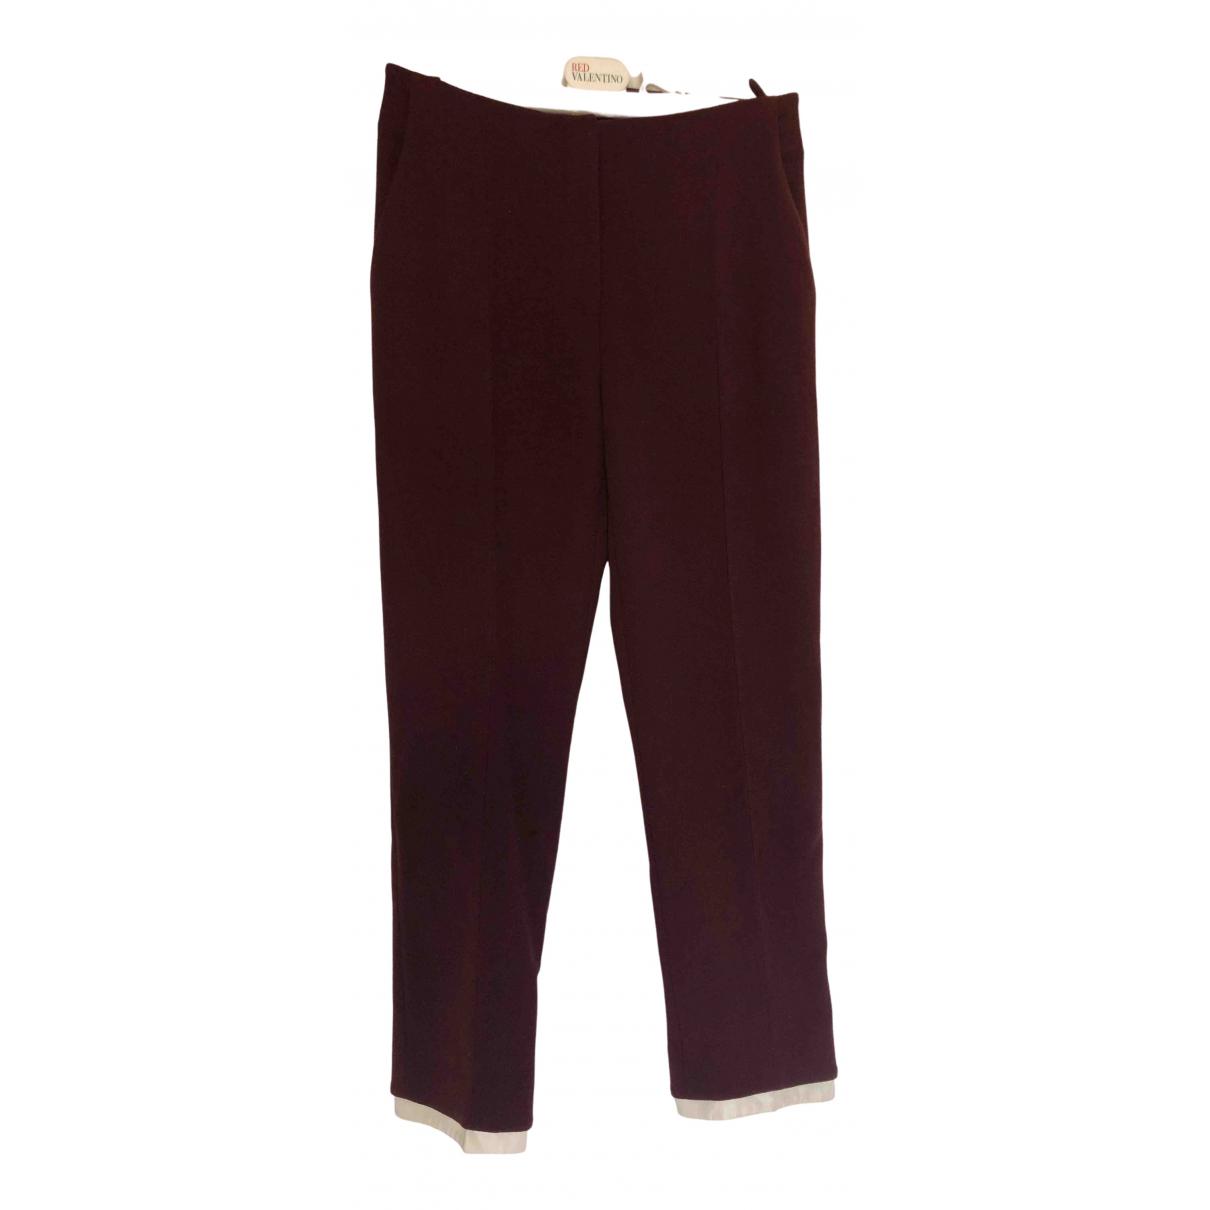 Pantalon pitillo de Lana Alexander Mcqueen